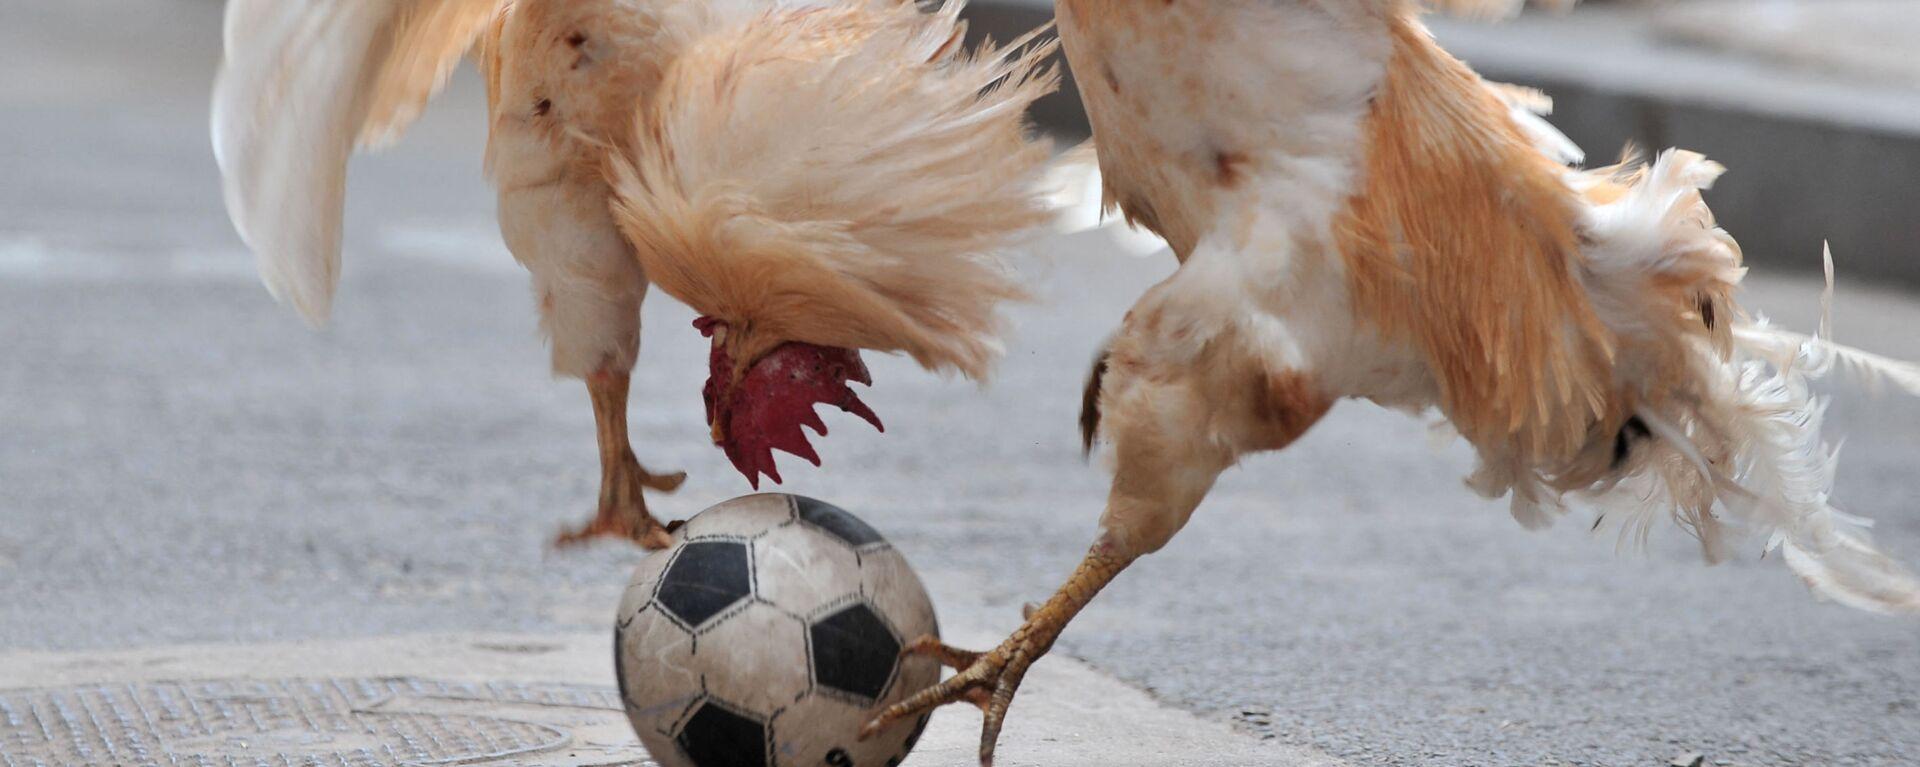 Два петуха дерутся за мяч во время шоу футбольного матча с цыплятами в Шэньяне, Китай - Sputnik Mundo, 1920, 02.07.2021